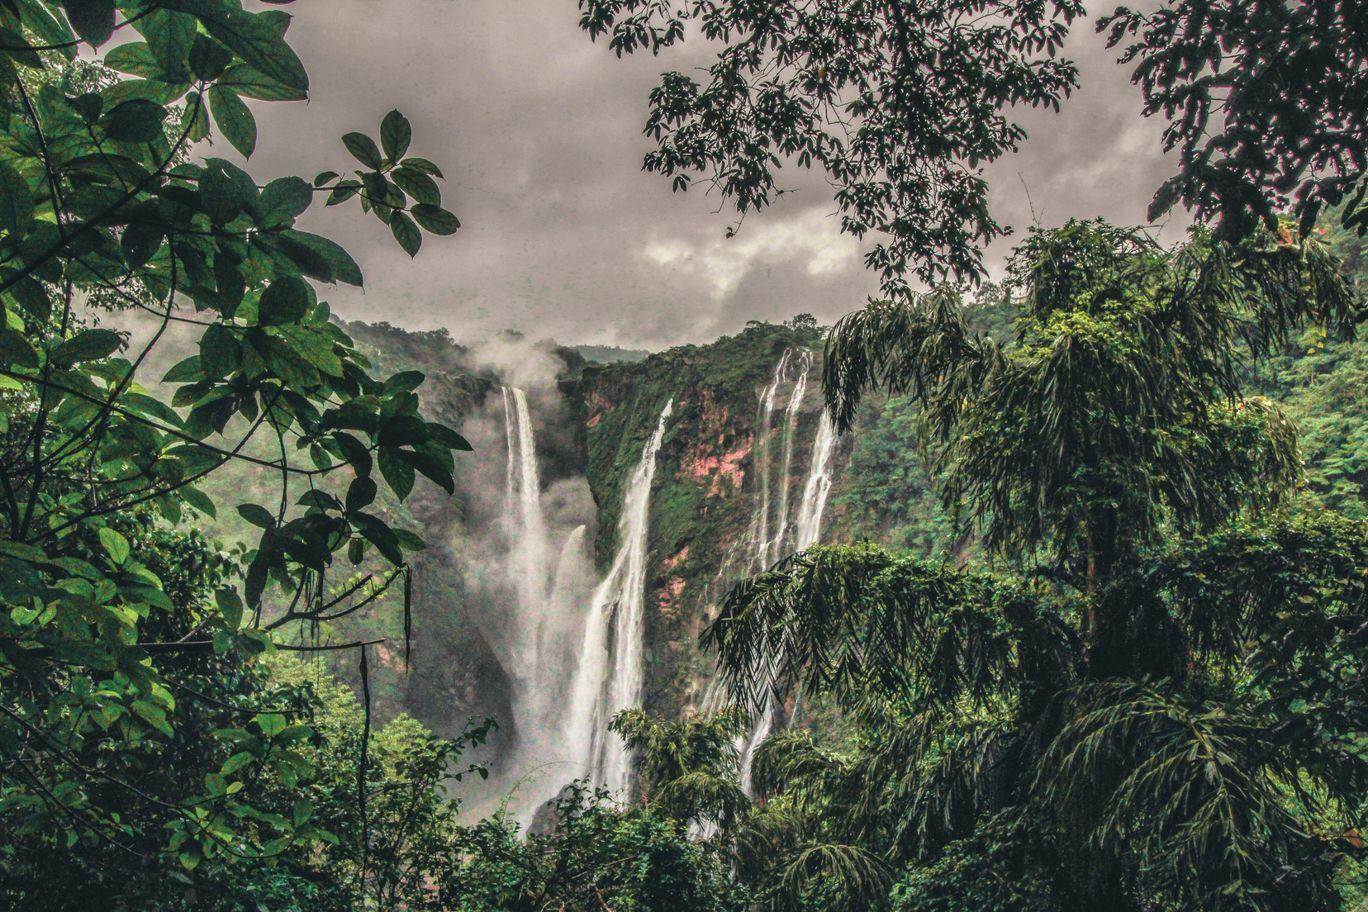 Photo of Jog Falls By Ankan Debnath